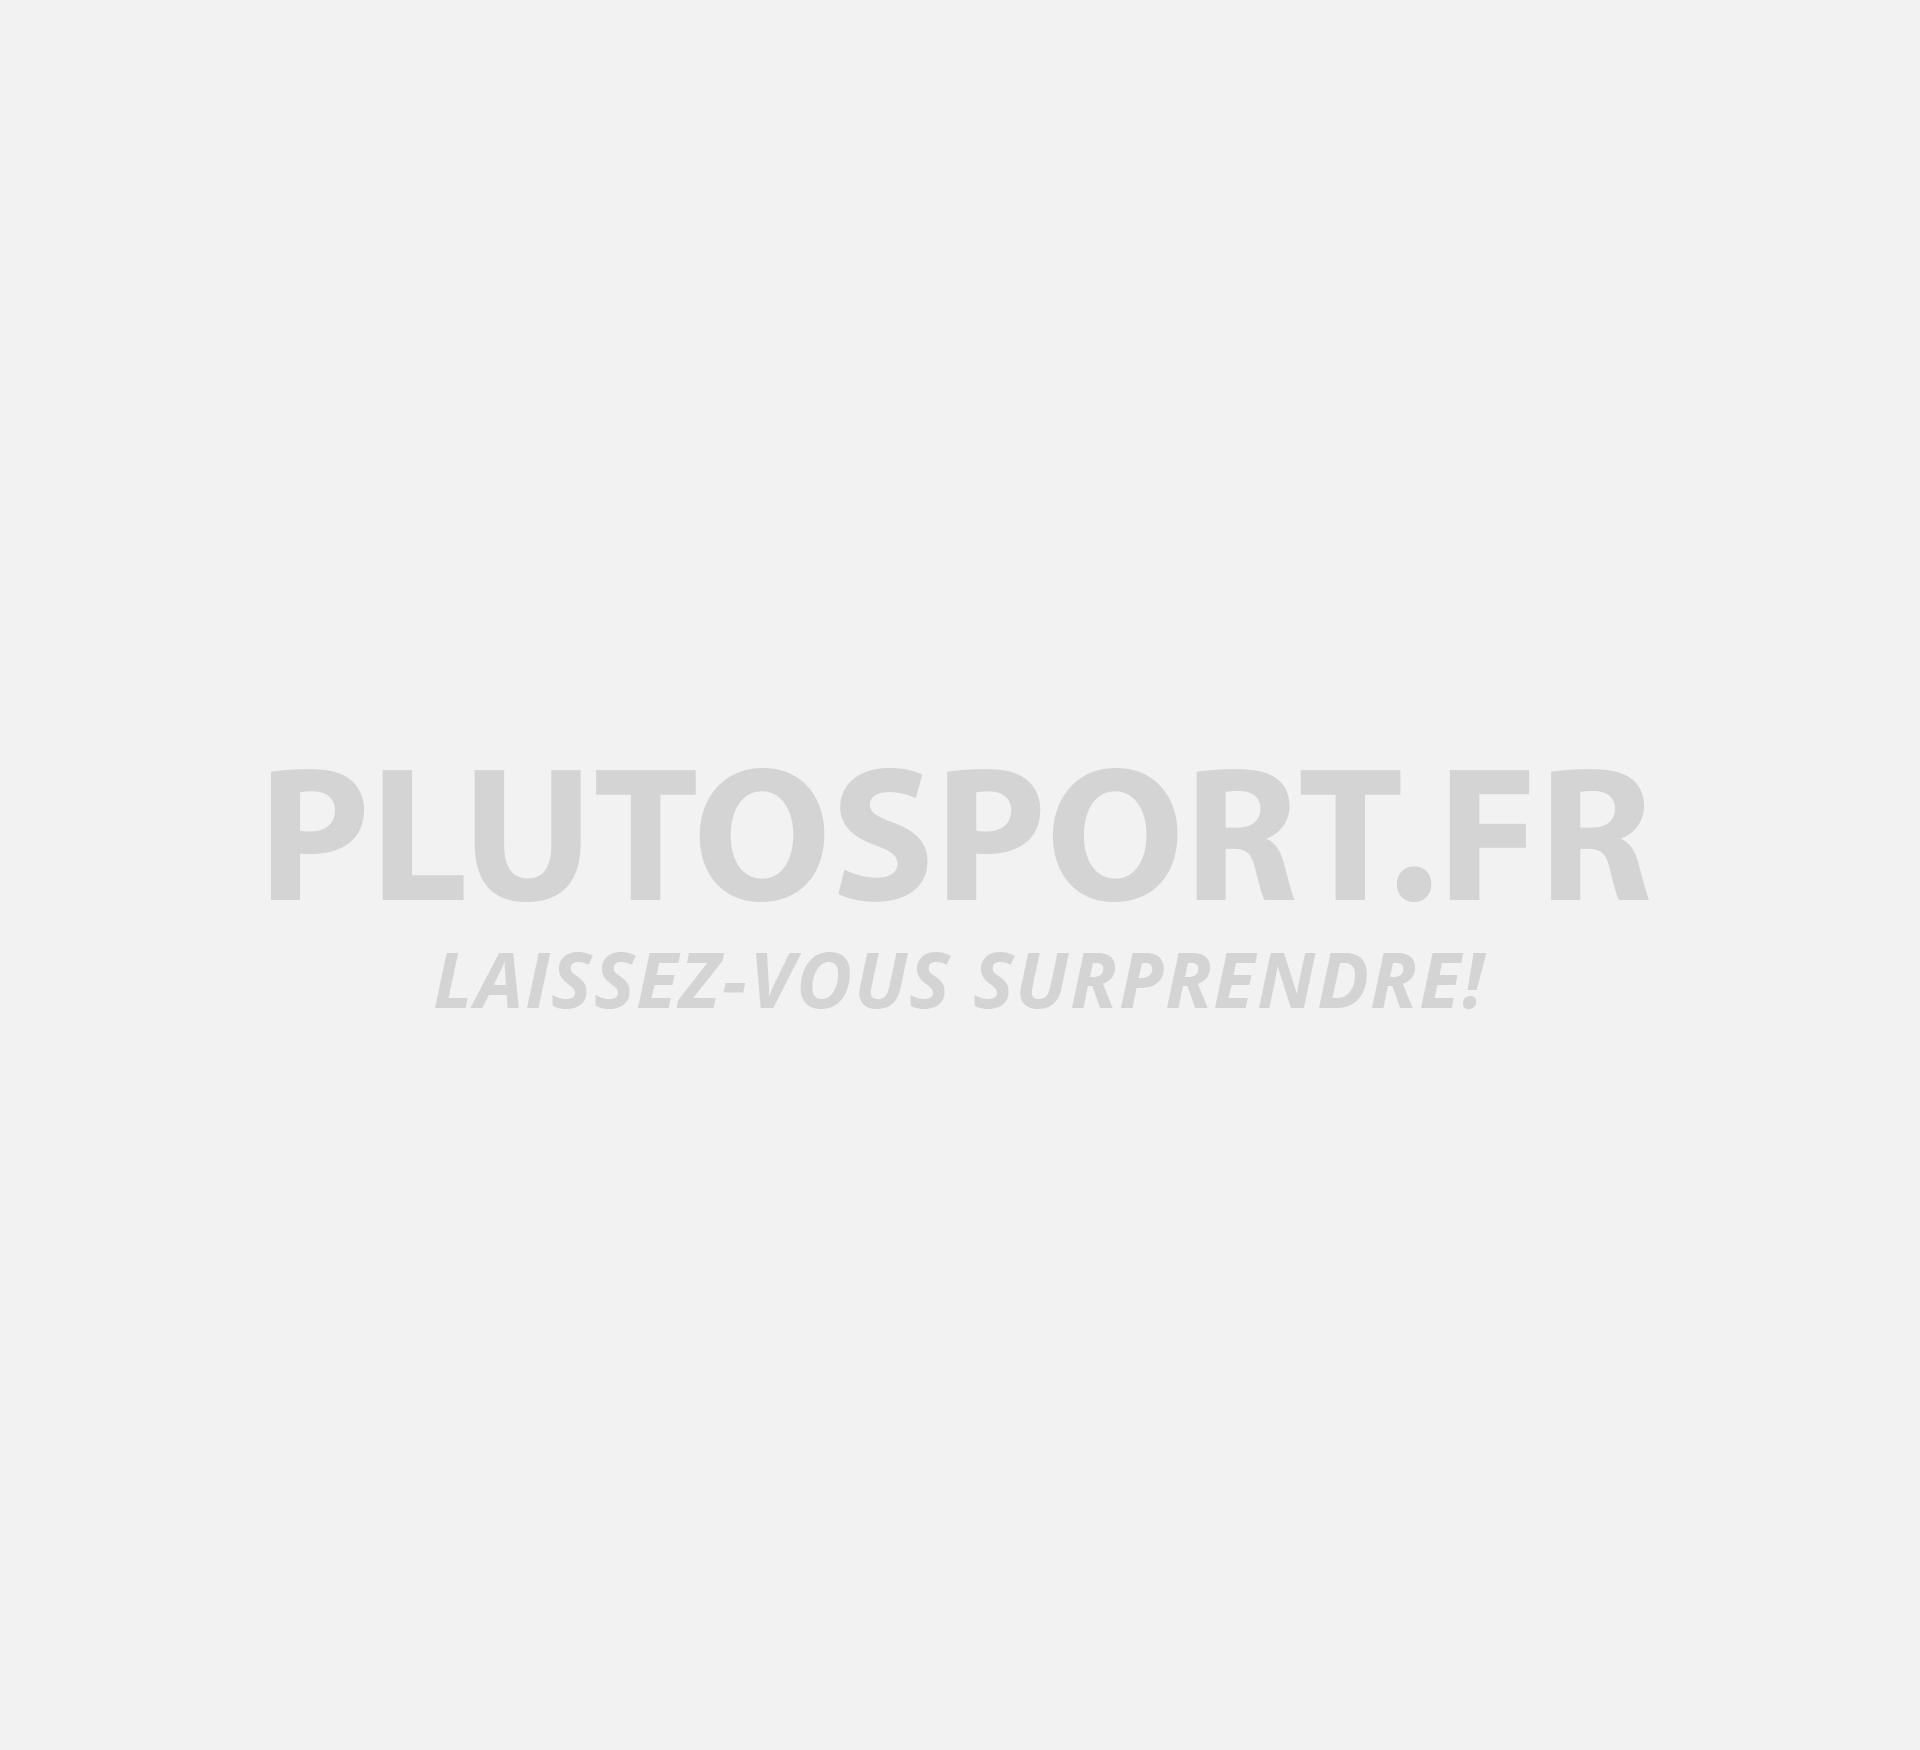 Srvêtements EA7 Tennis Pro